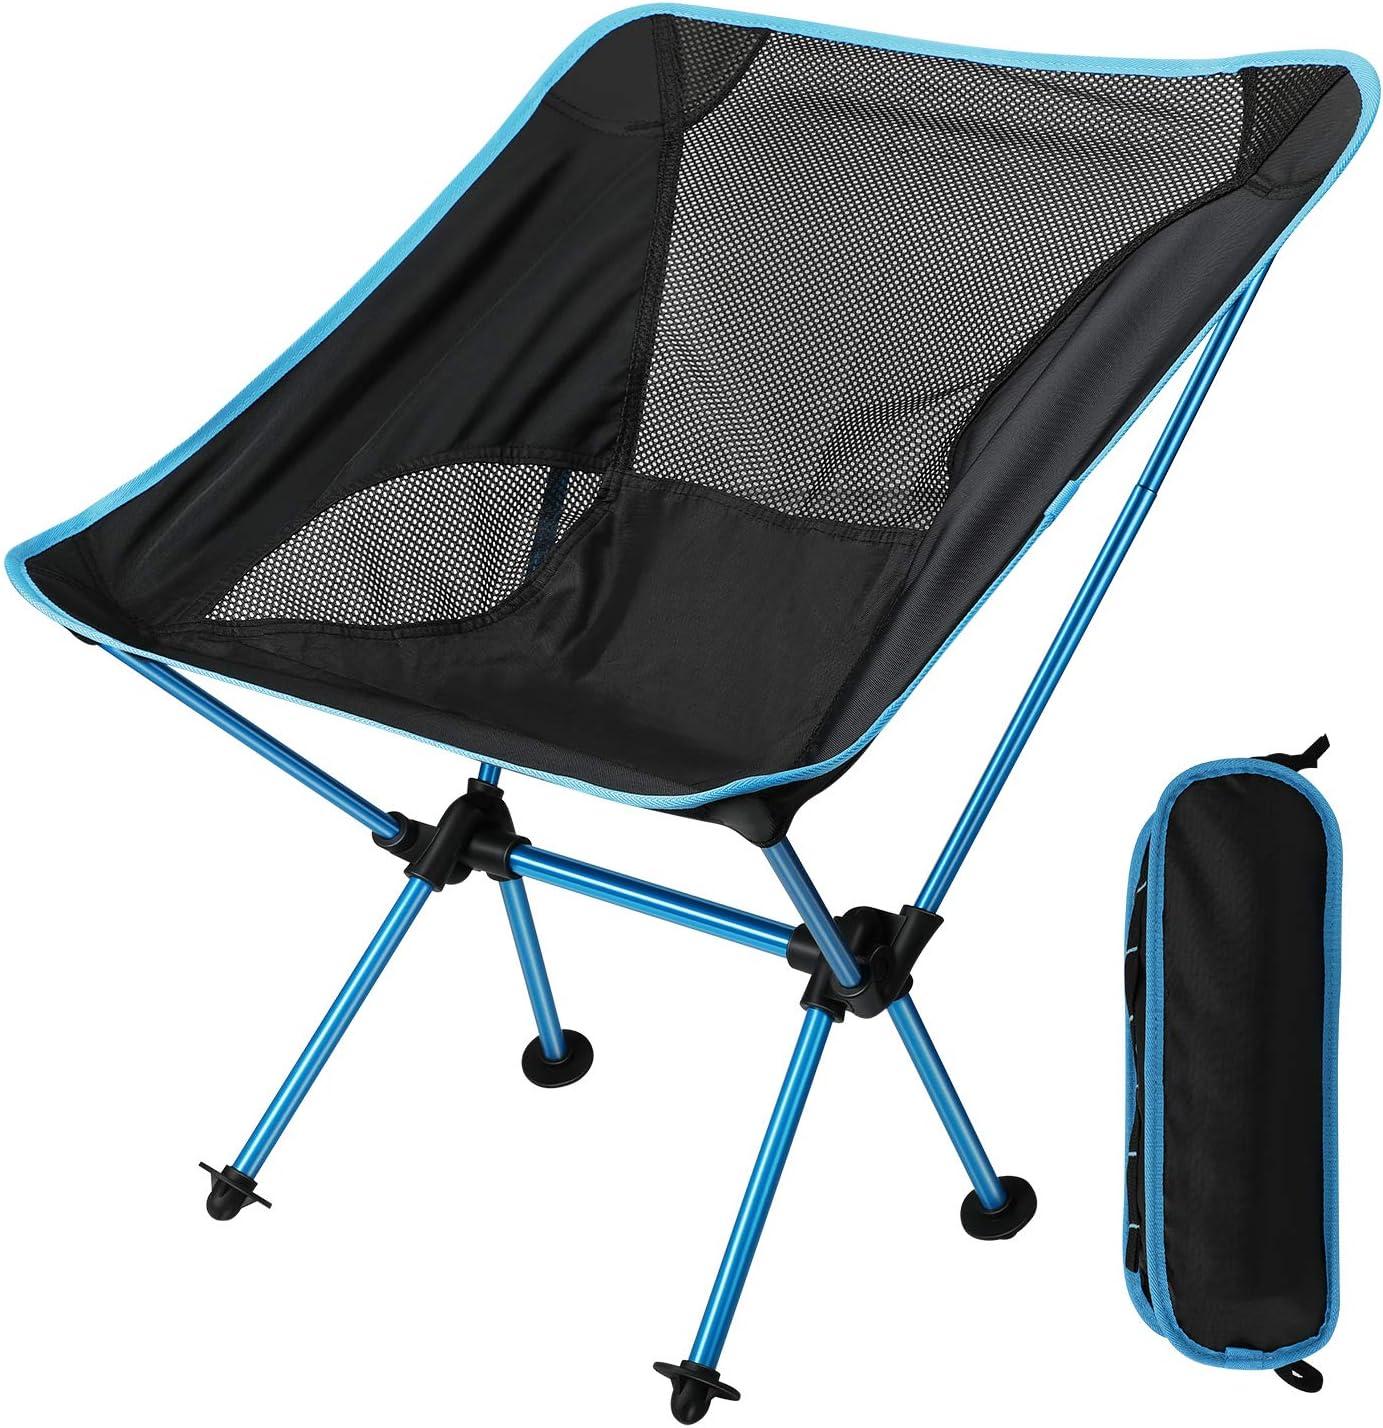 EXTSUD Silla Plegable Camping Silla Portátil al Aire Libre con Bolsa de Transporte, Capacidad de Carga Maxima 150 kg, Ideal para Jardín, Playa, Pesca, Camping, Viajes, Senderismo